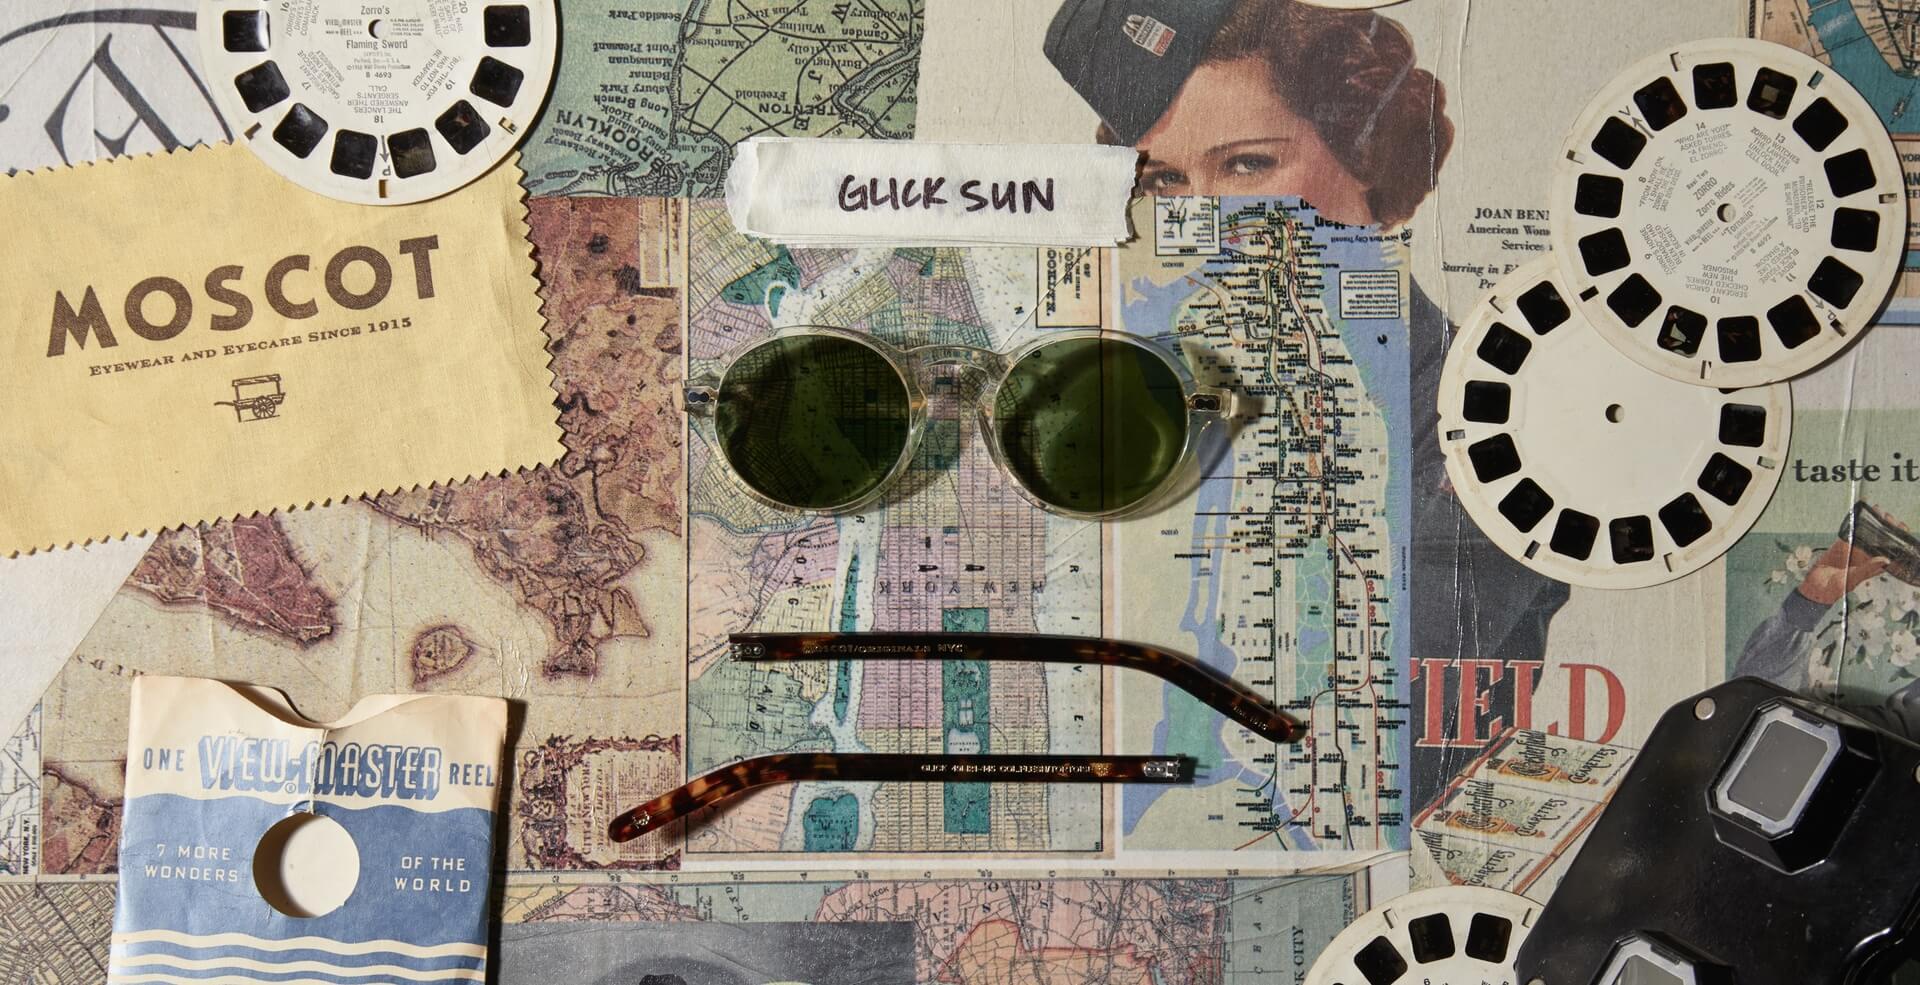 GLICK SUN